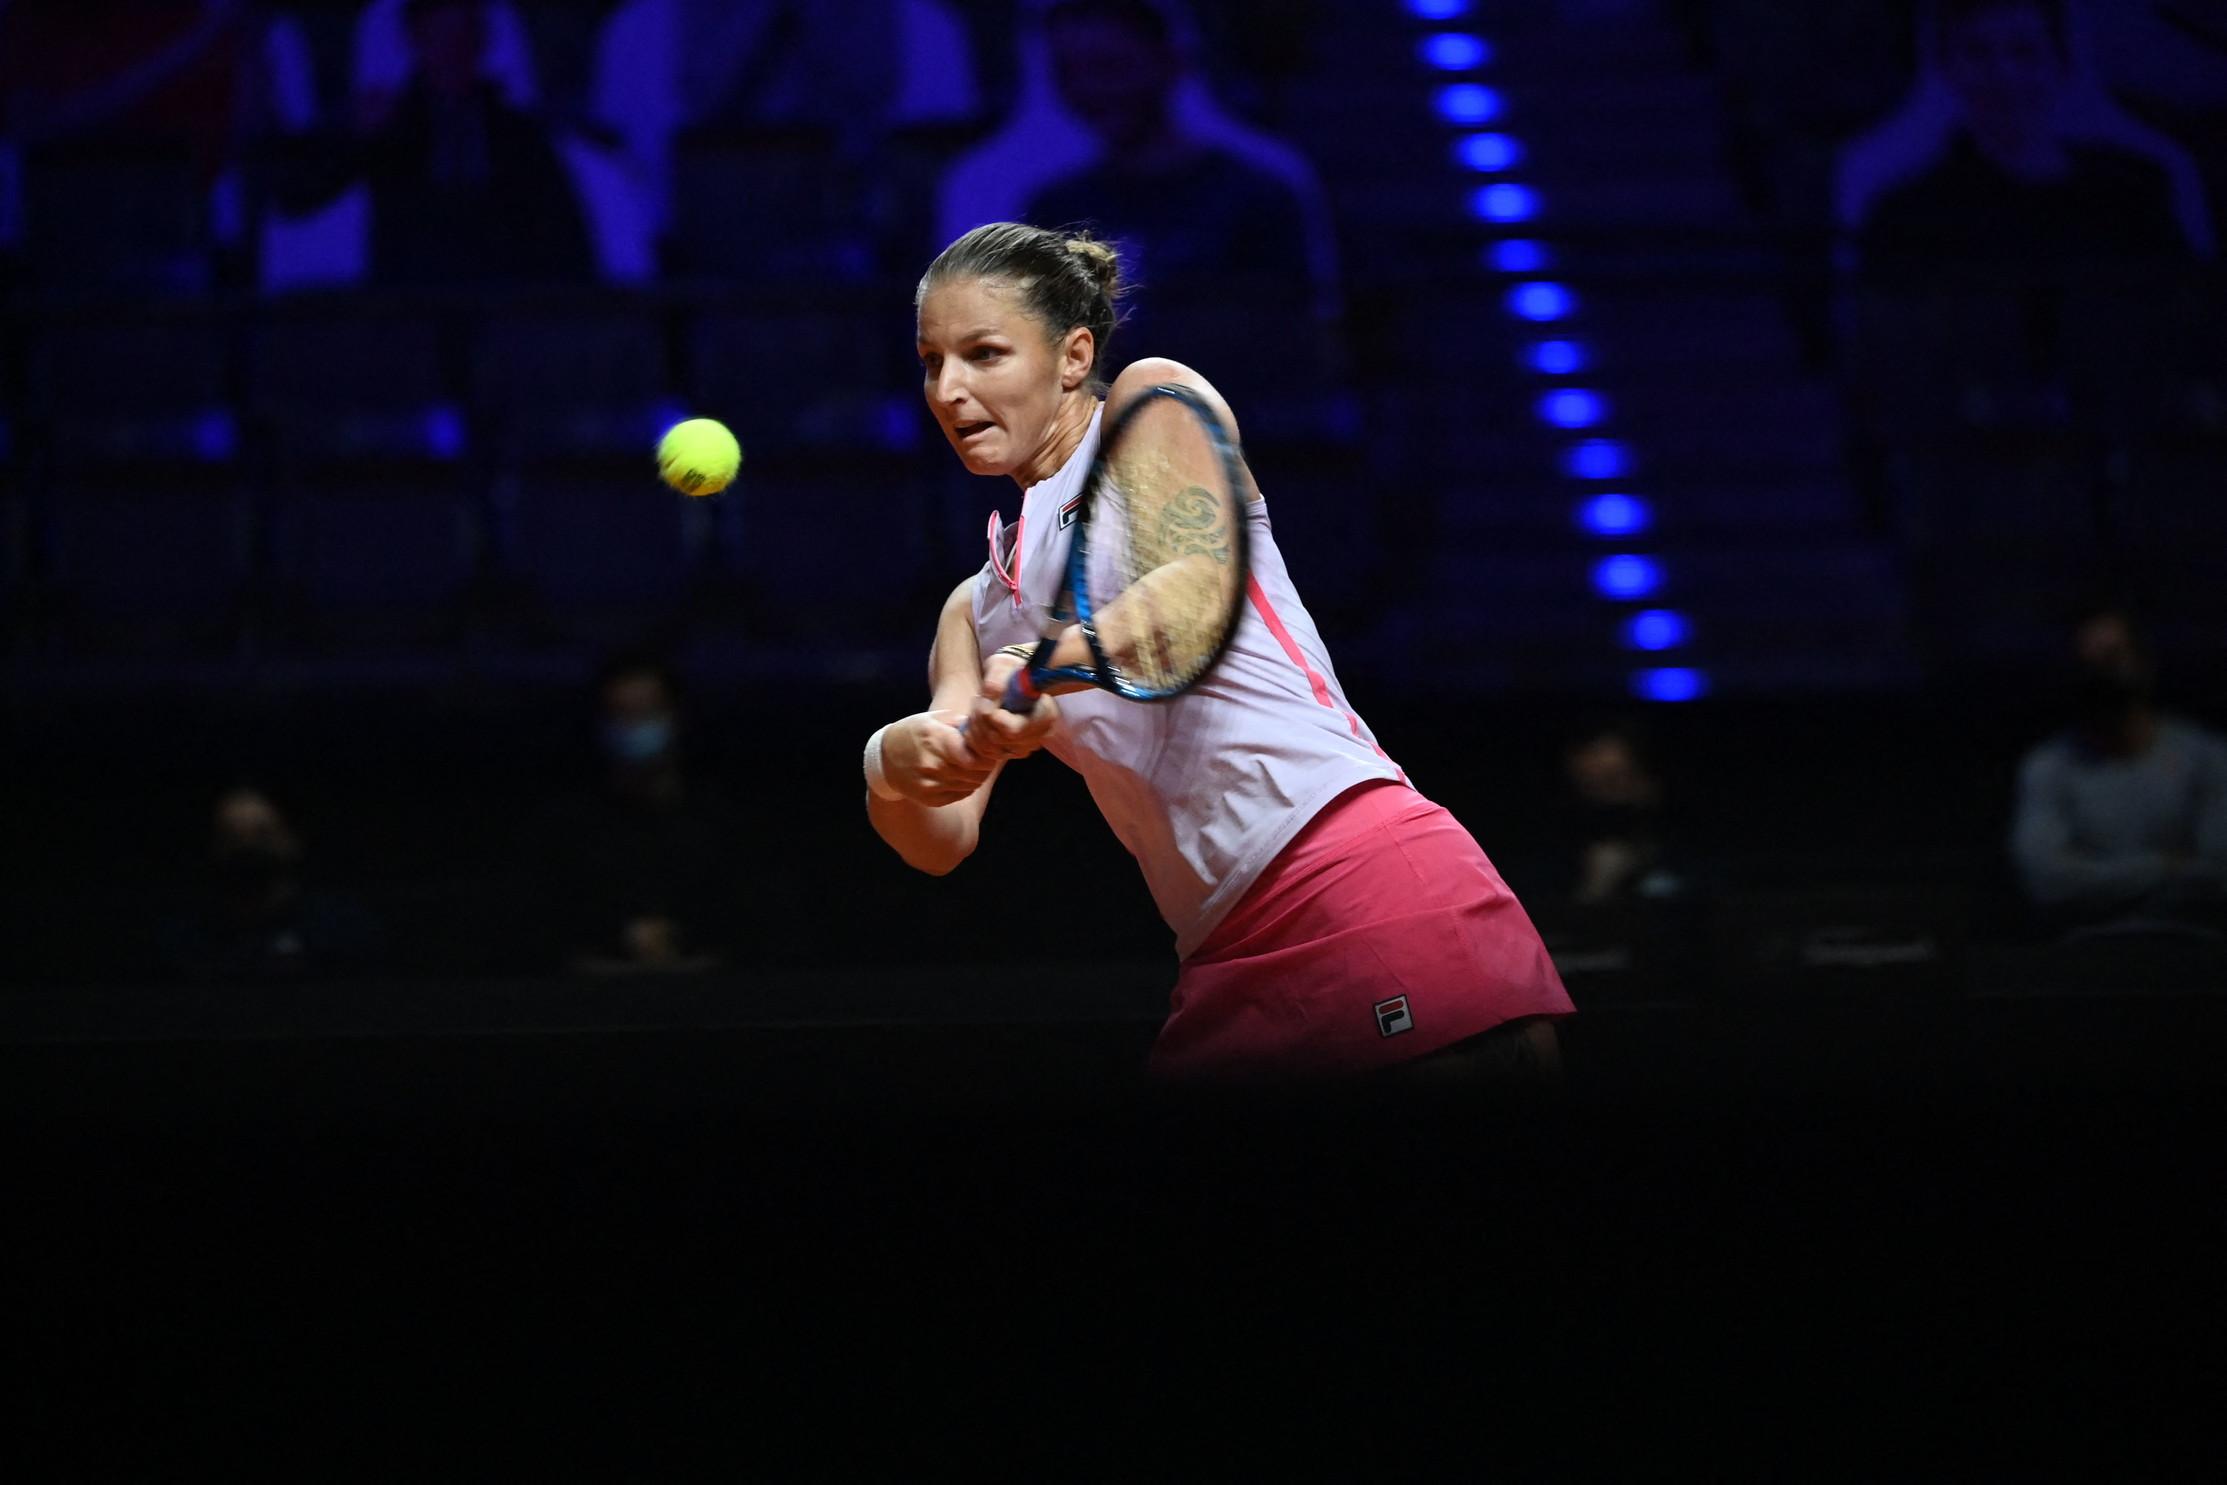 La ceca Karolina Pliskova, numero 9 WTA e vincitrice del titolo nella Capitale nel 2019 oltre che finalista della passata edizione.